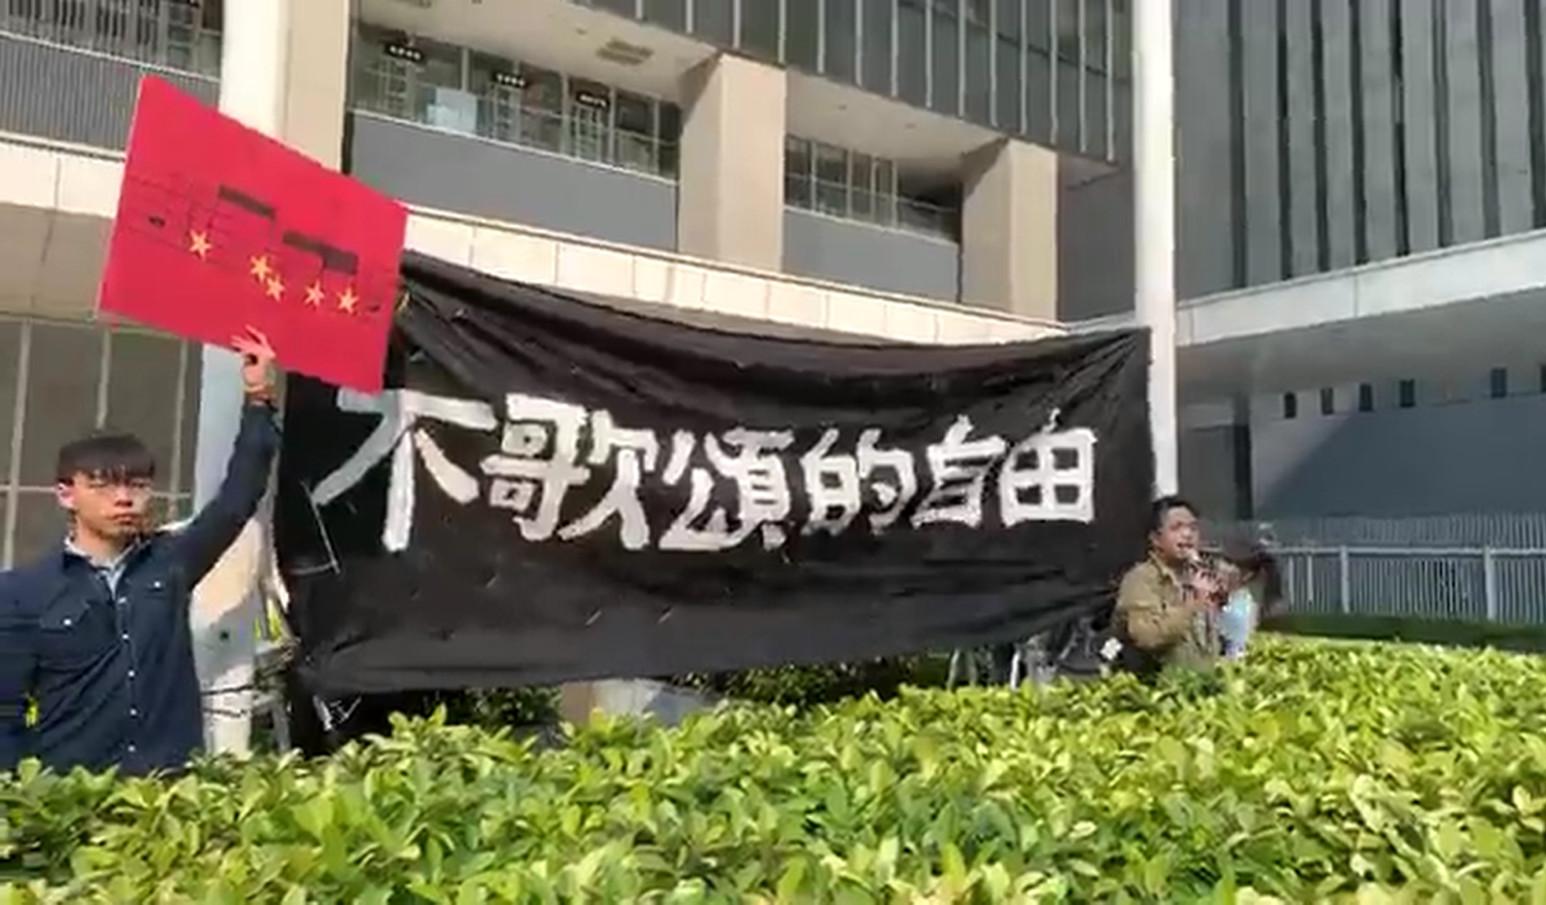 香港眾志多名成員昨晨進入公民廣場內的花槽內,將一幅寫上「不歌頌的自由」的橫額掛在旗桿上。(影片擷圖)